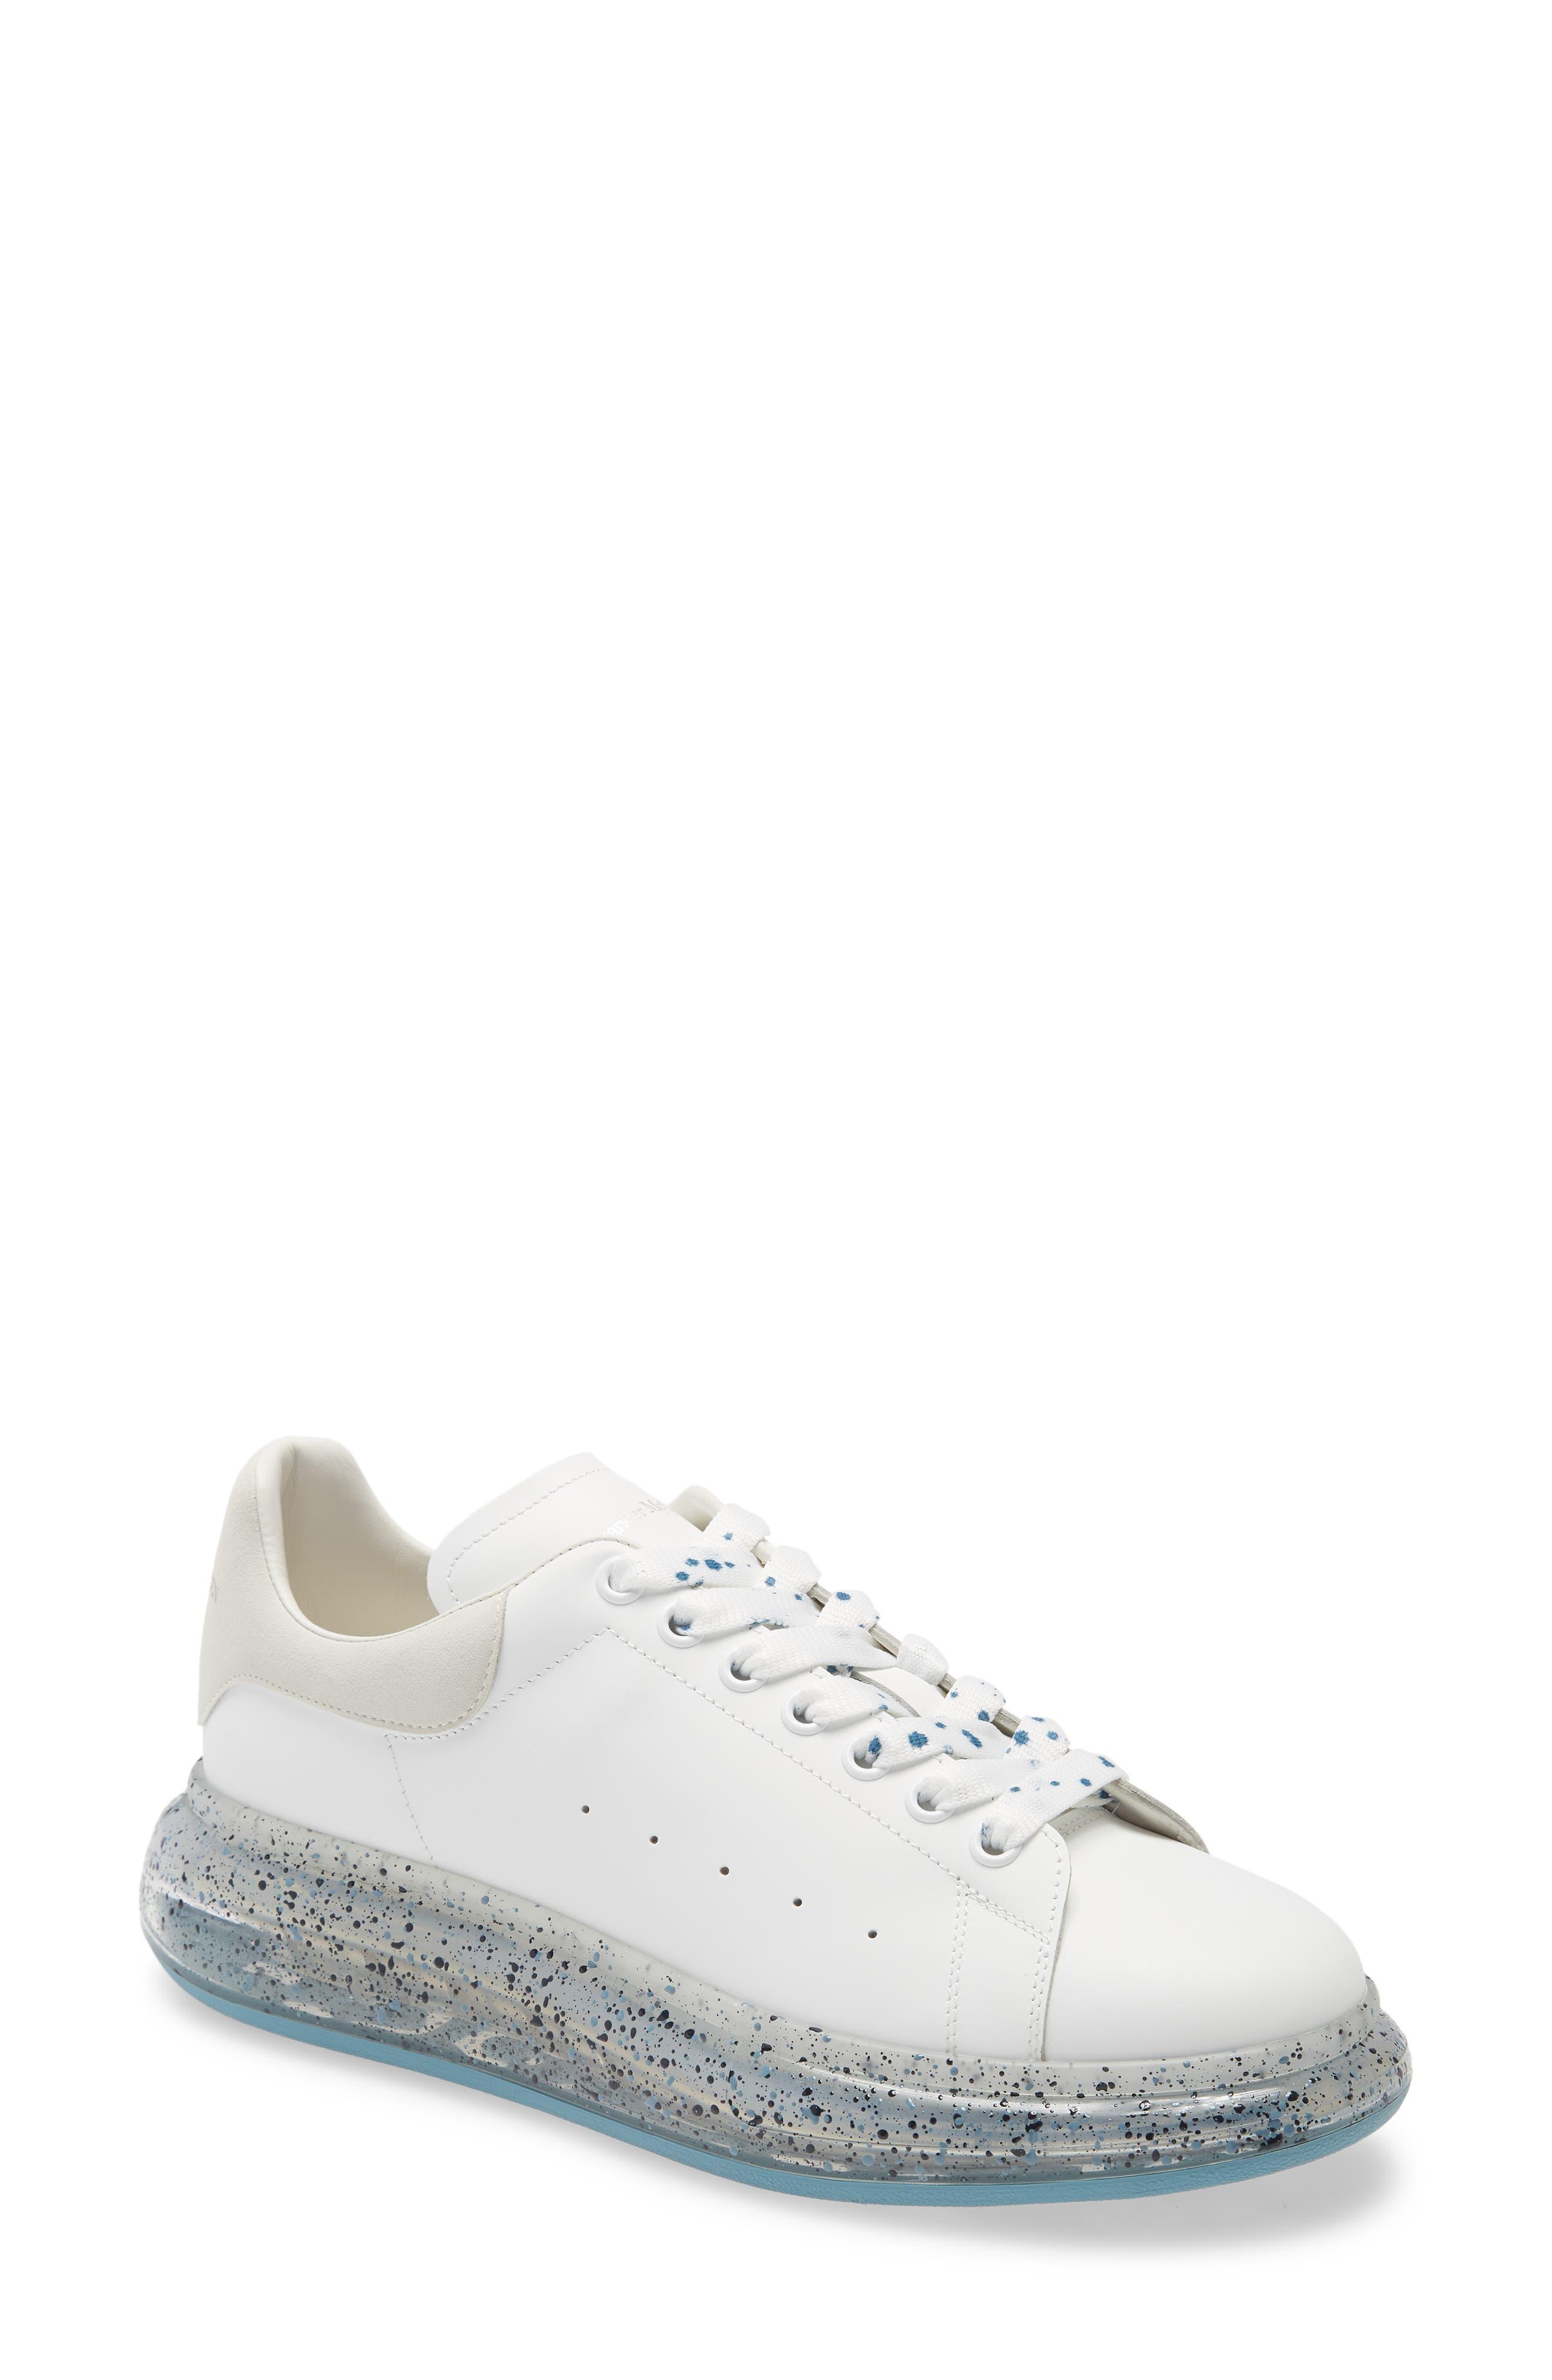 Men's Designer Sneakers | Nordstrom